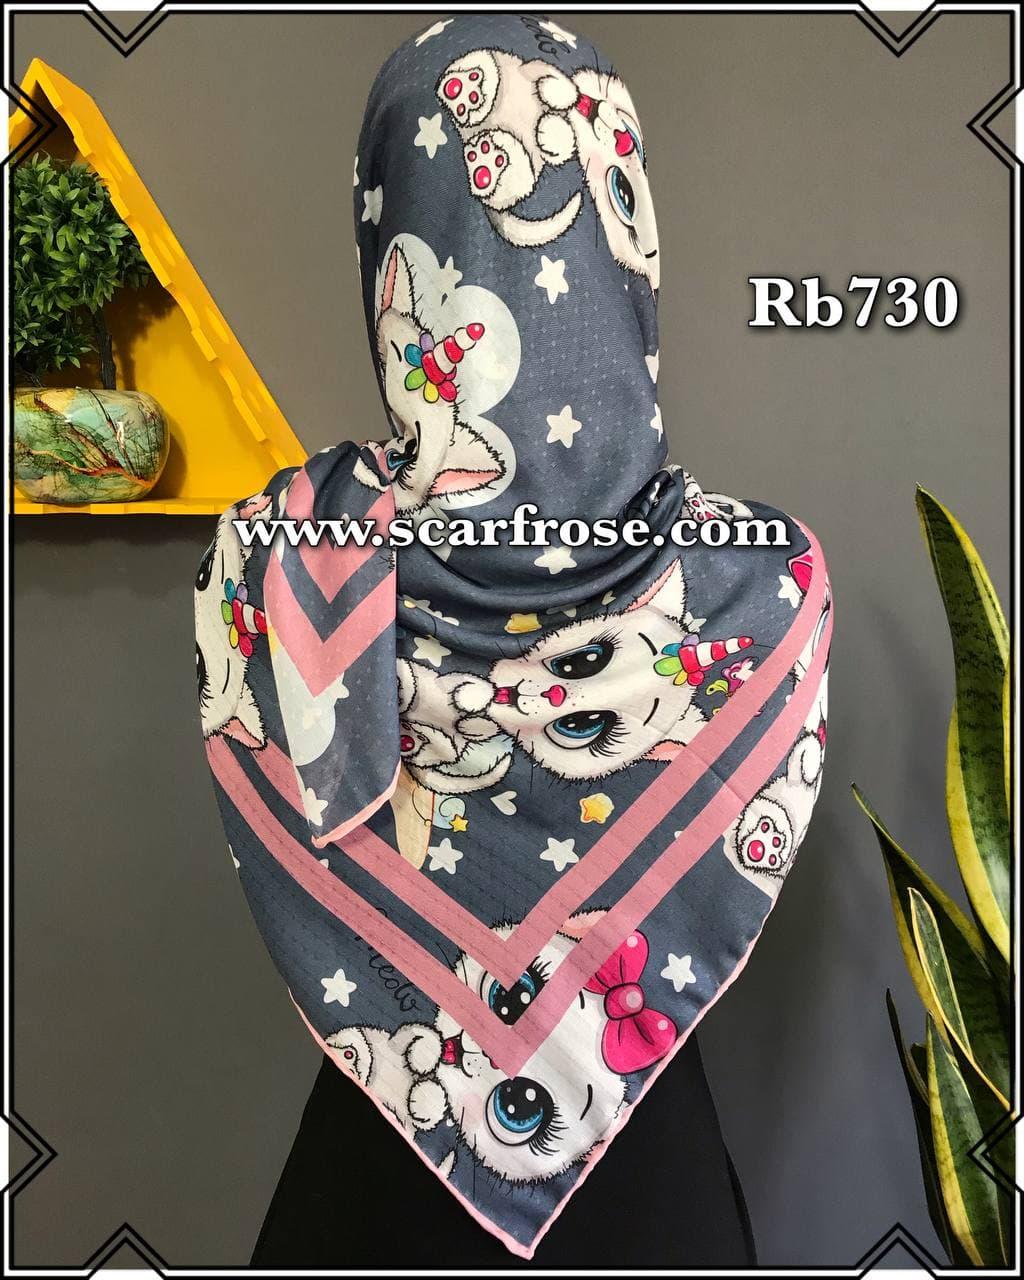 روسری نخی rb730